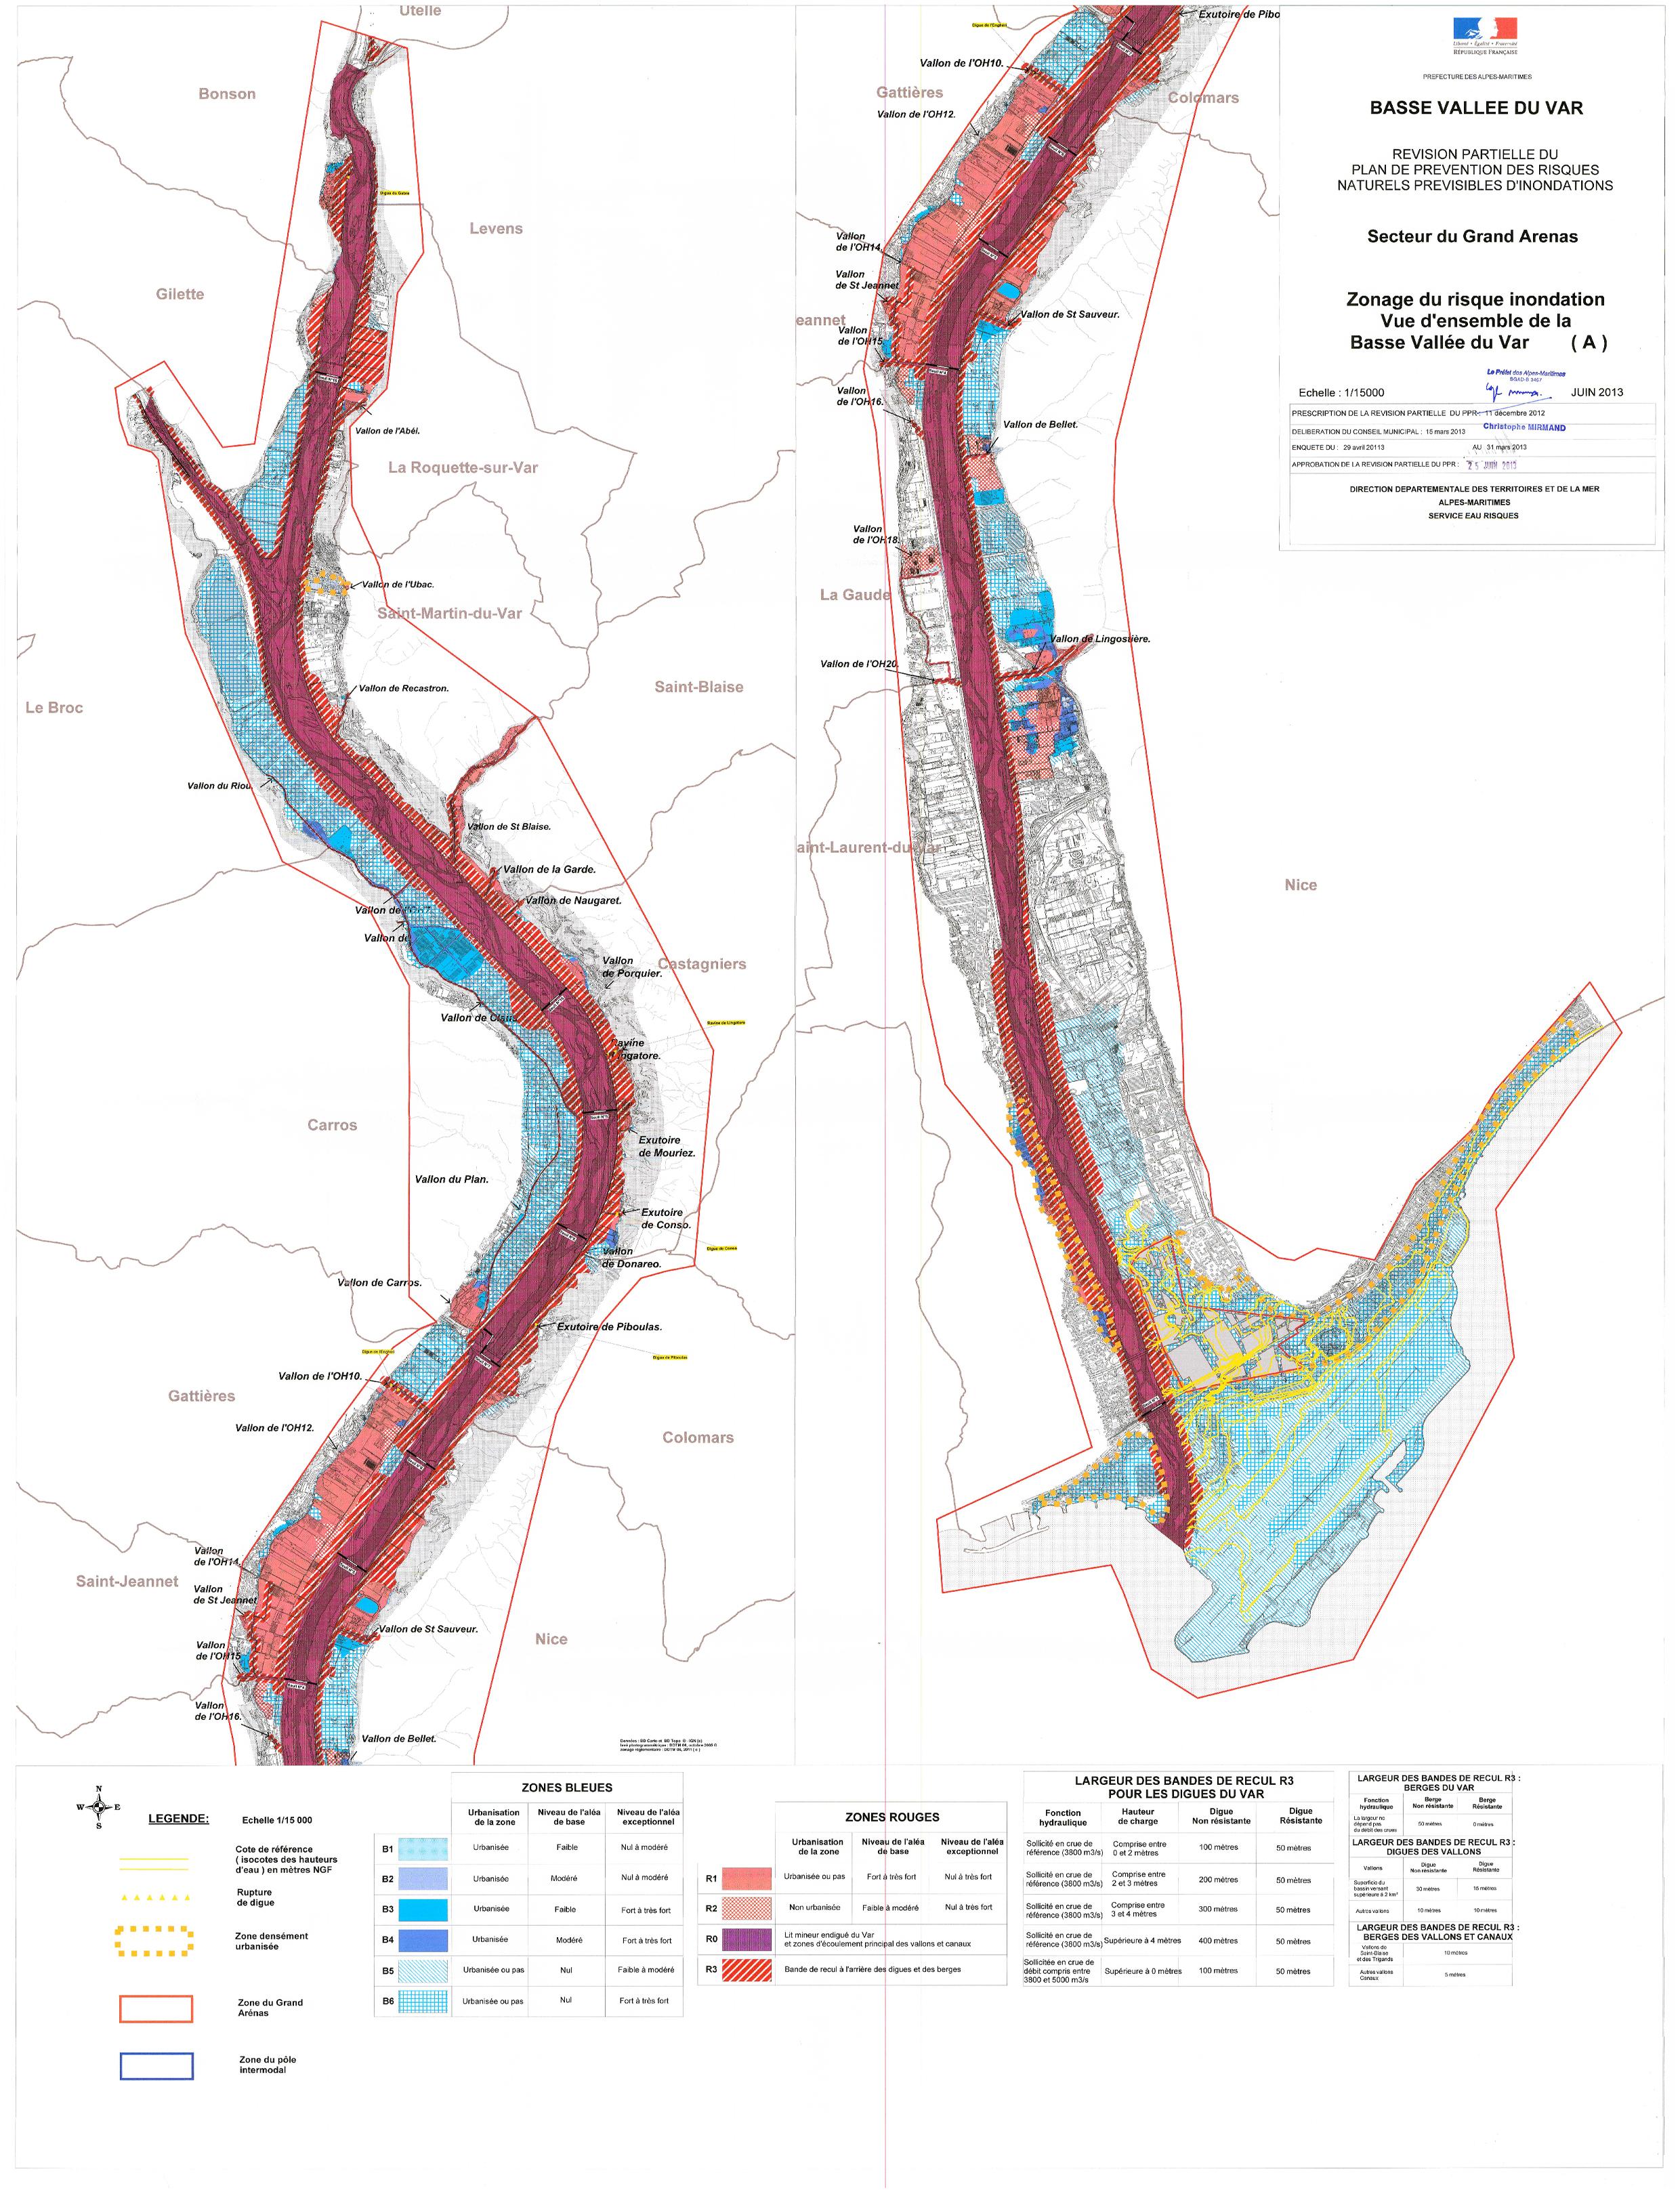 2013-06: Zonage du risque inondation - Vue d'ensemble de la Basse vallée du Var - PPRI